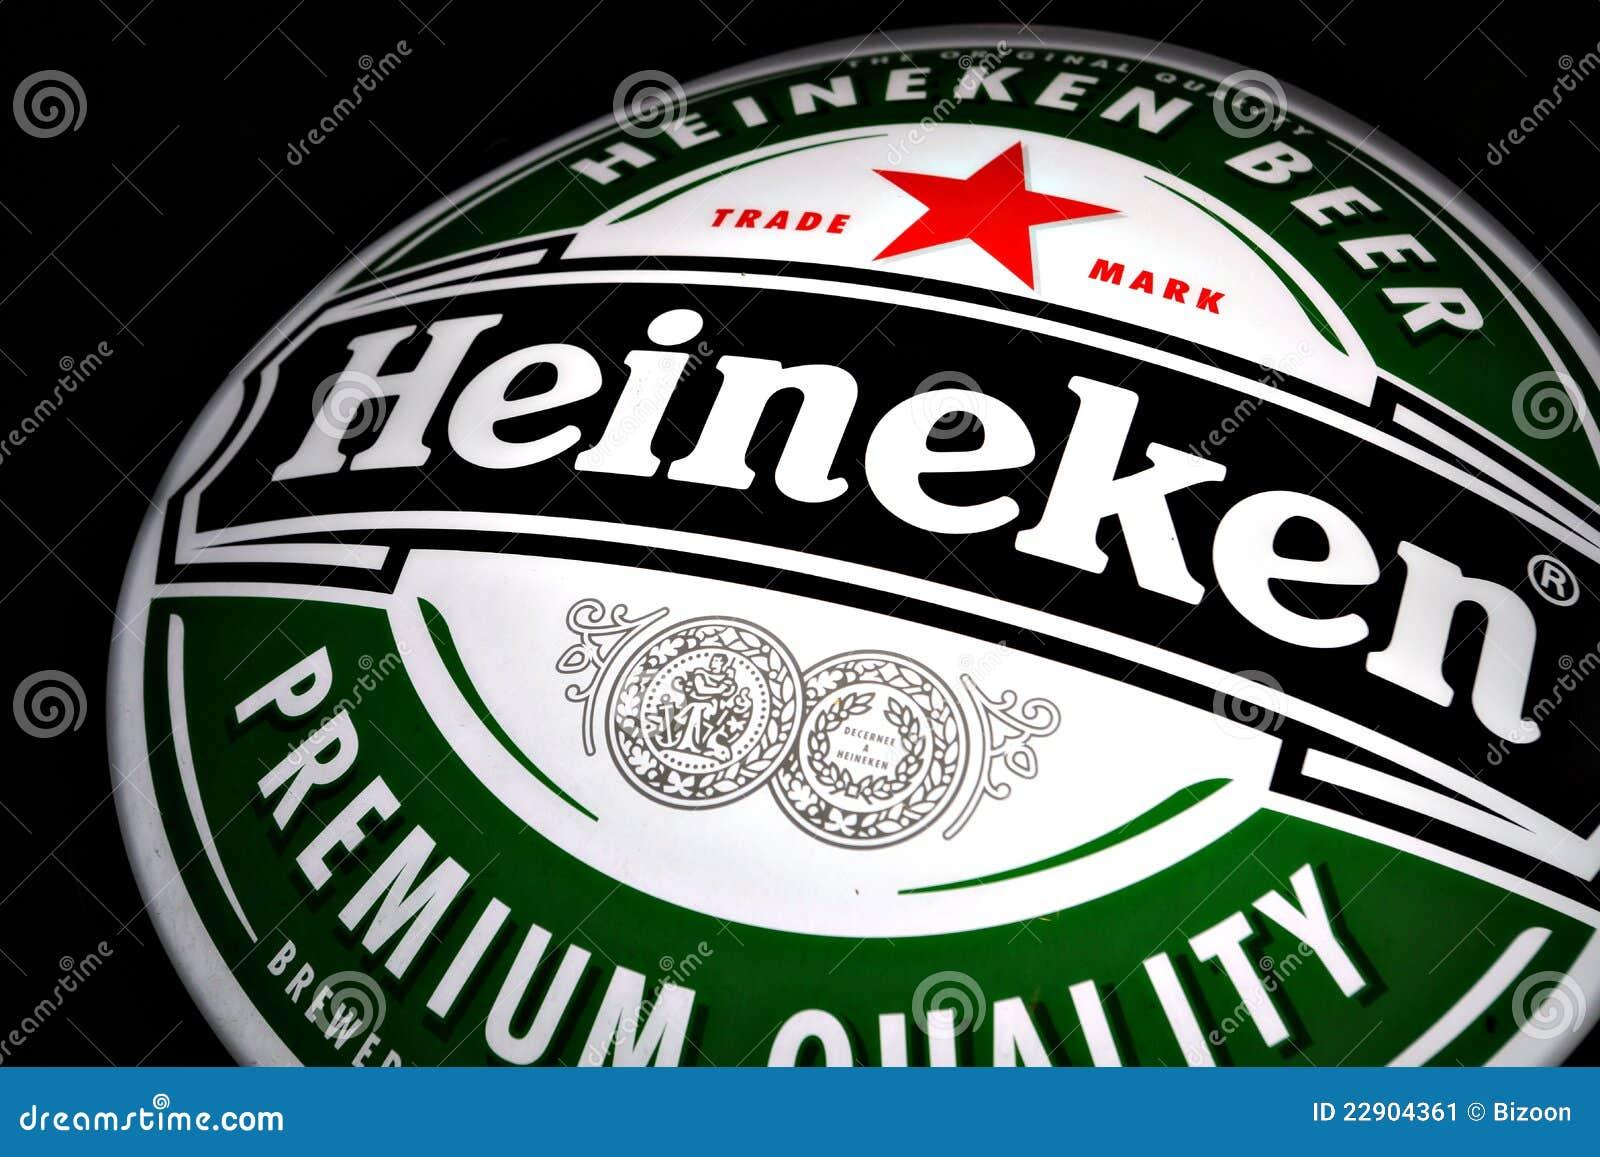 海涅肯啤酒广告